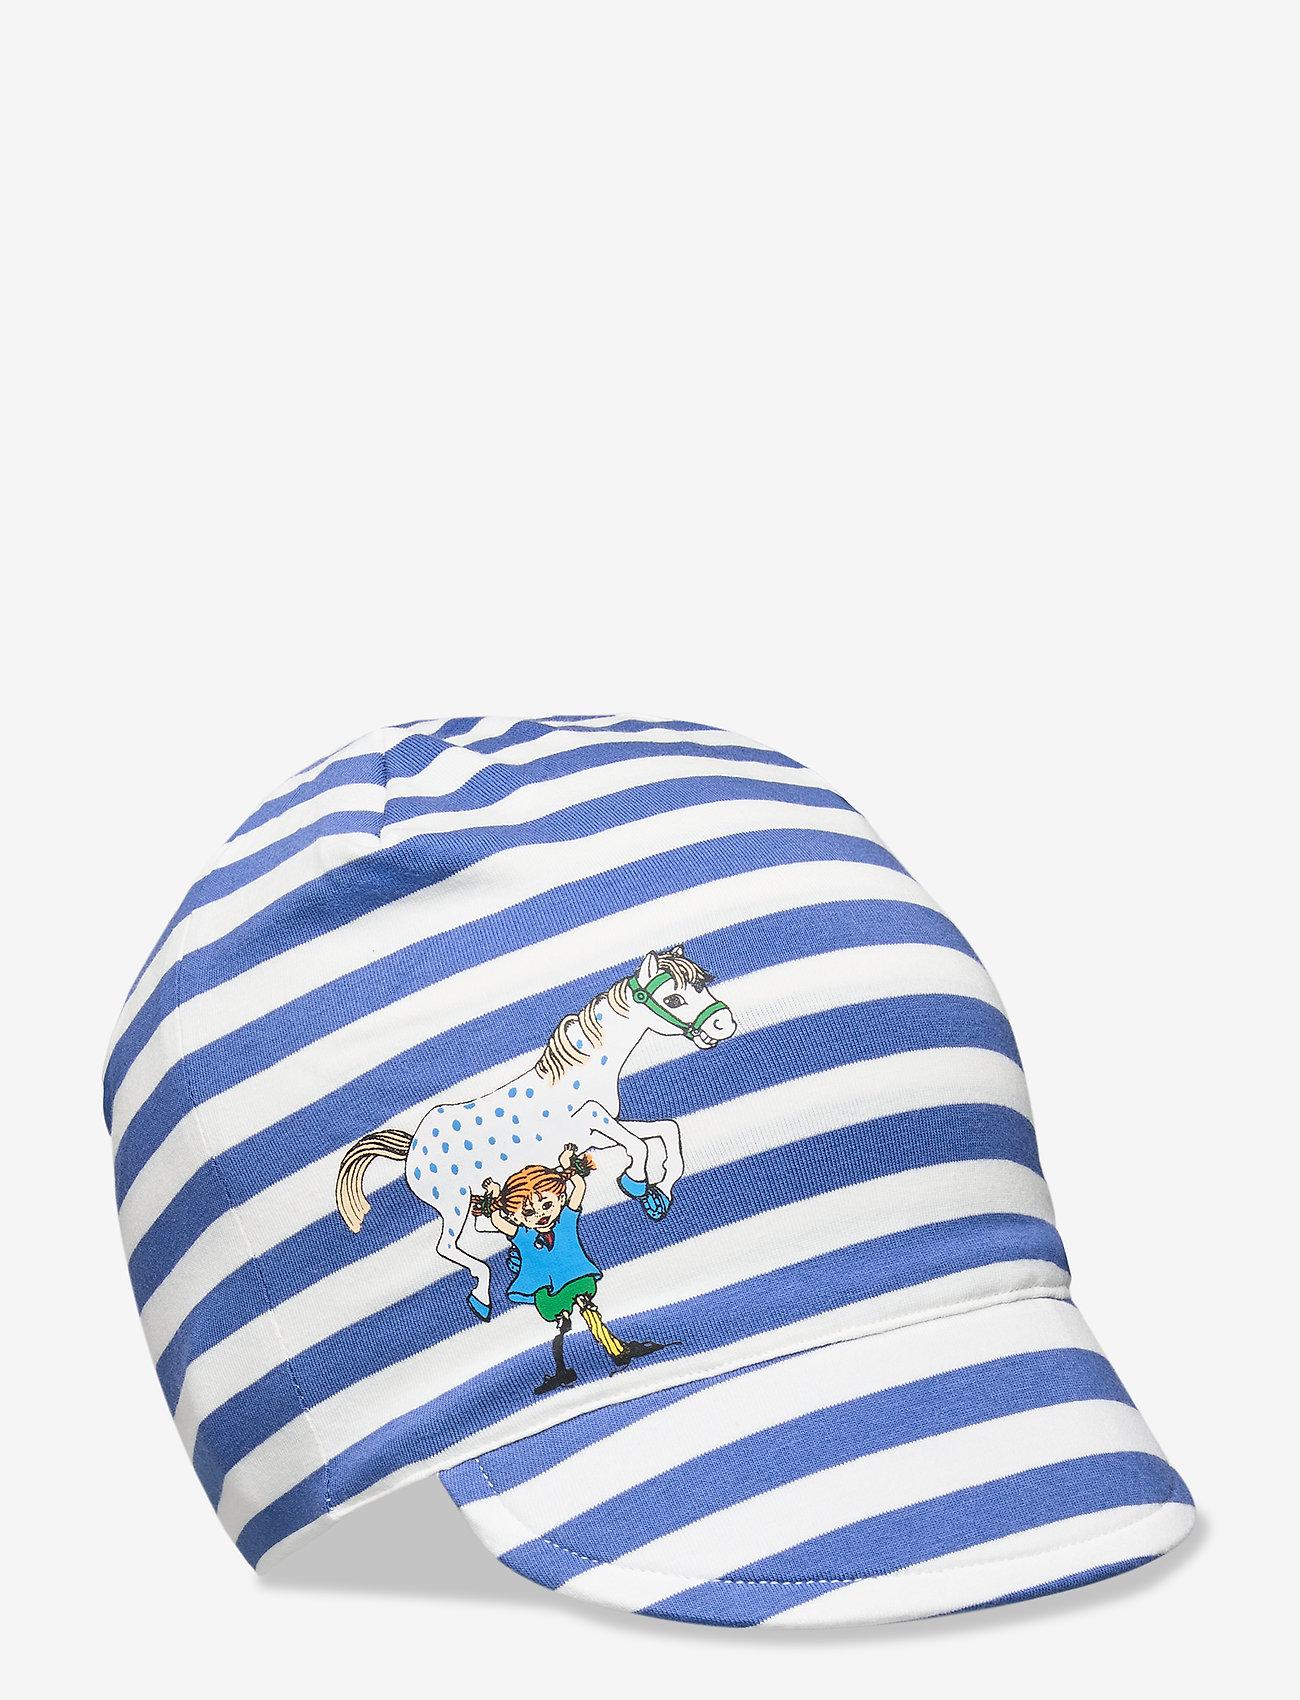 Pippi Långstrump - PIPPI CAP - czapki - blue - 0